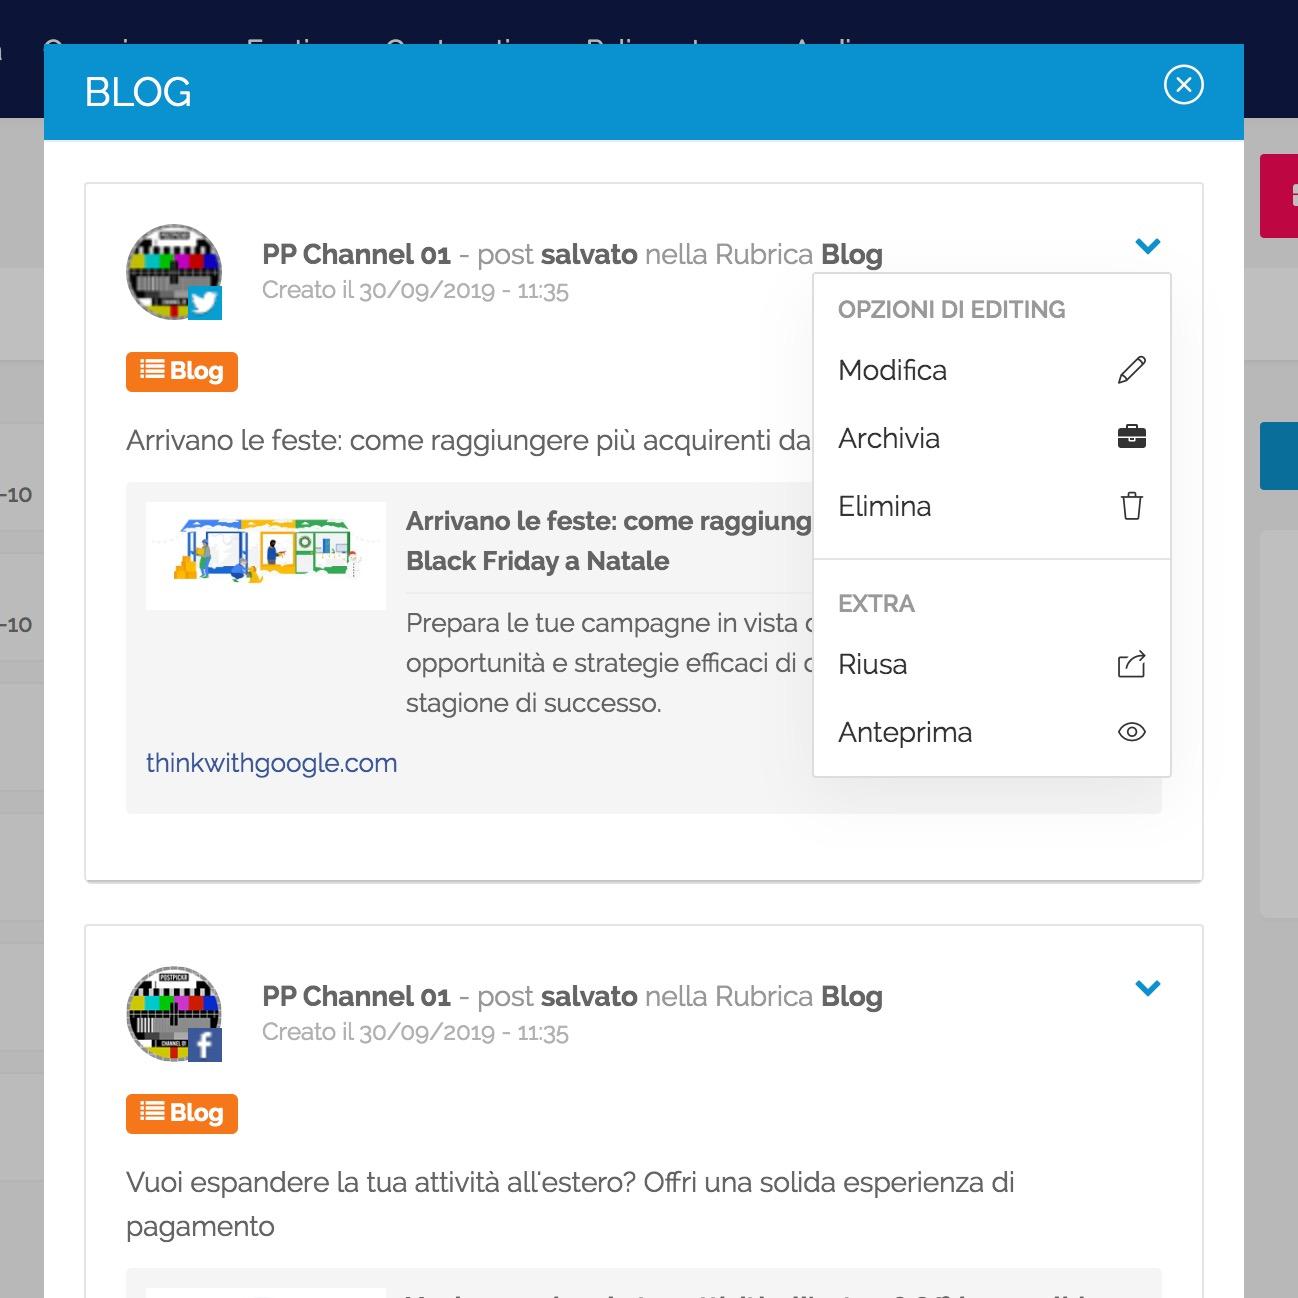 Finestra per visualizzare e modificare i contenuti